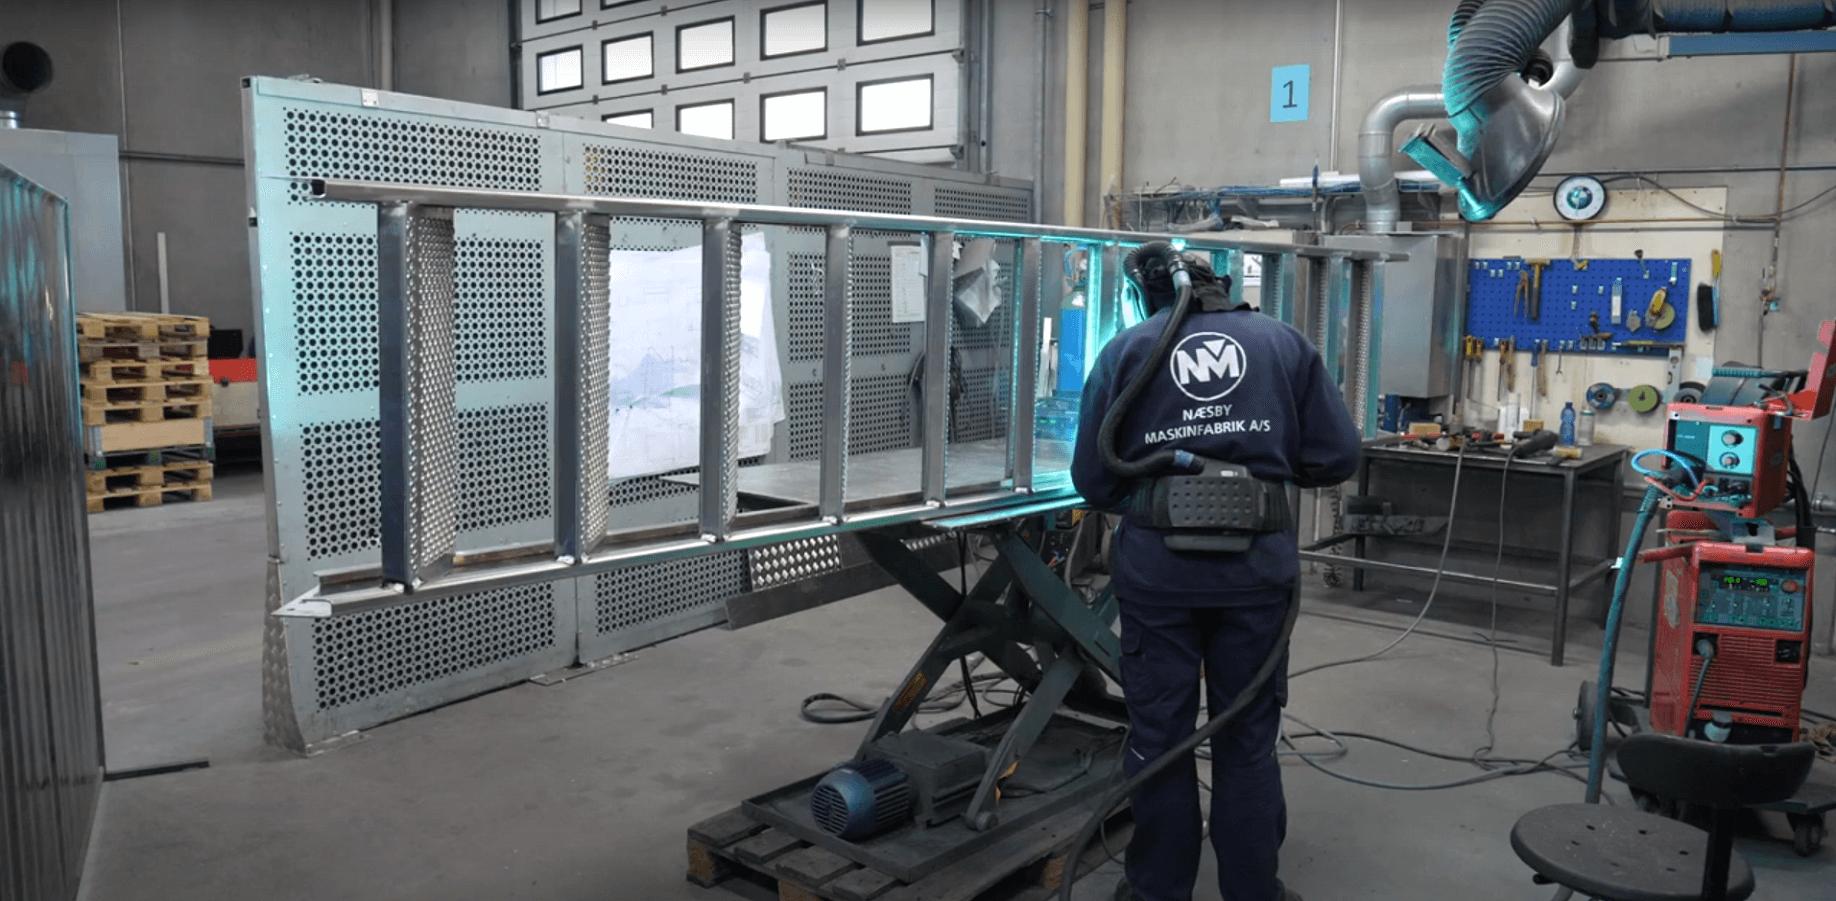 Sammensvjesning af alle typer stål, jern og metaller